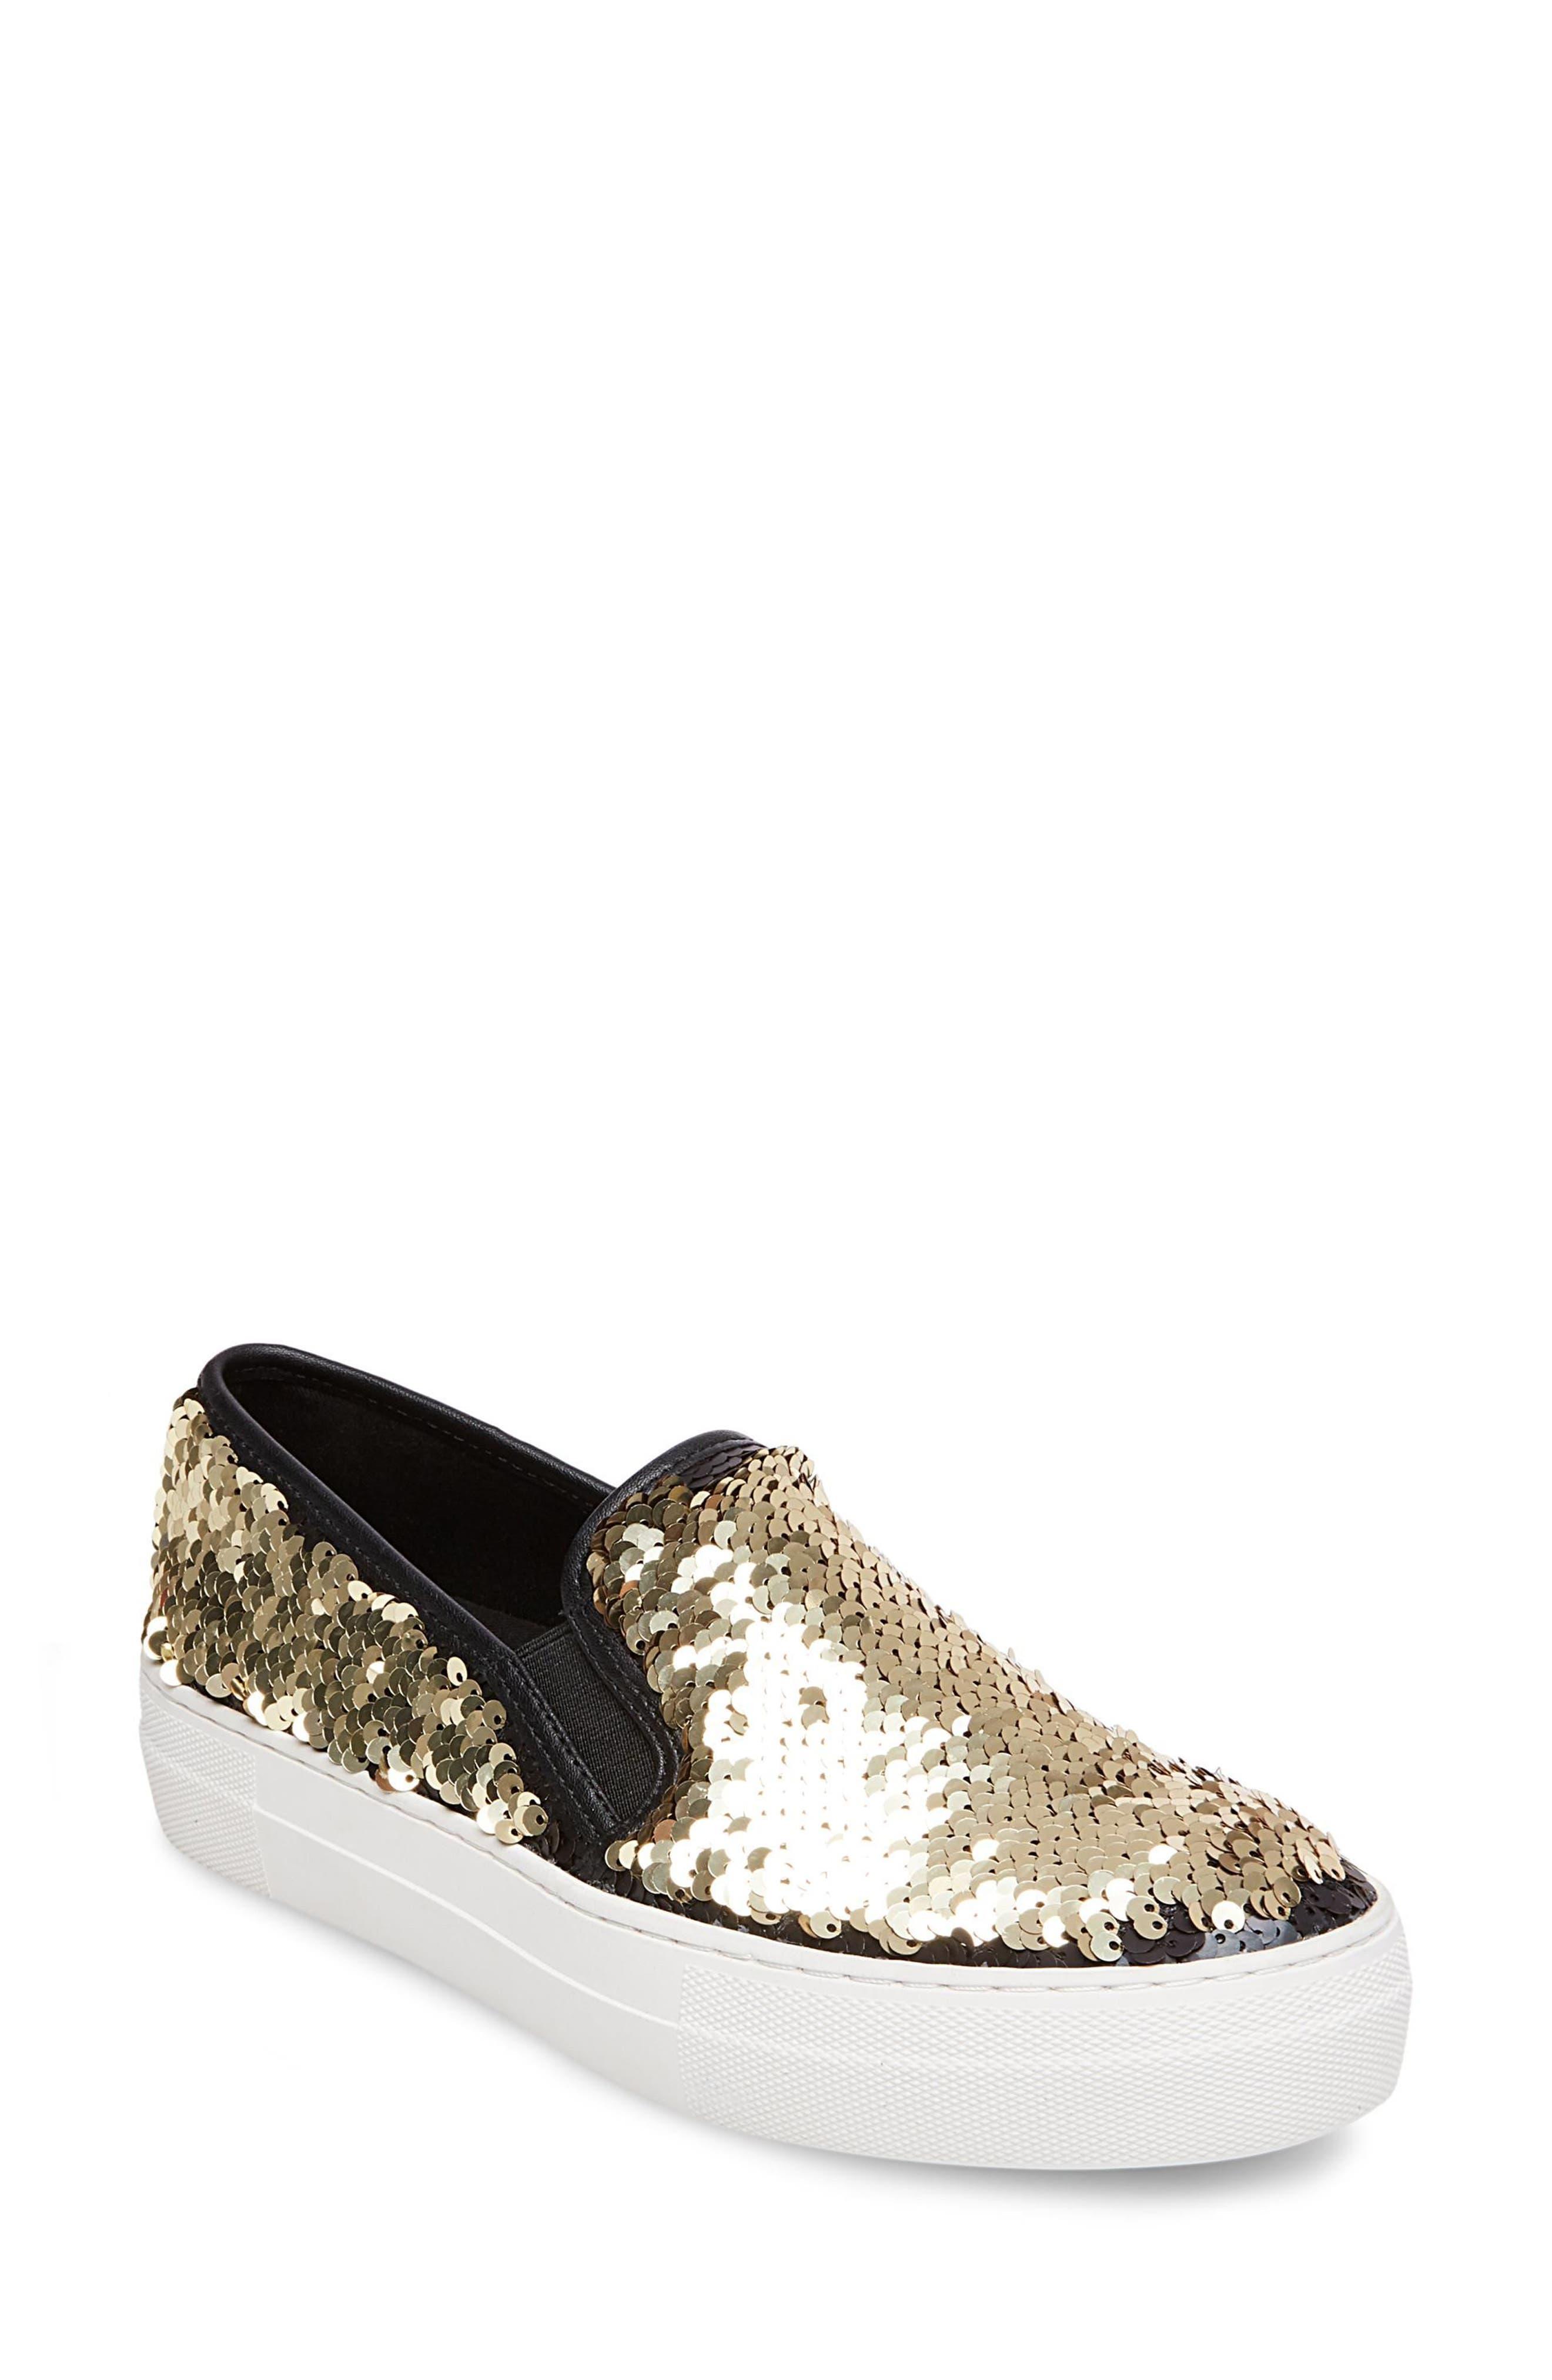 Gills Sequined Slip-On Platform Sneaker,                             Alternate thumbnail 13, color,